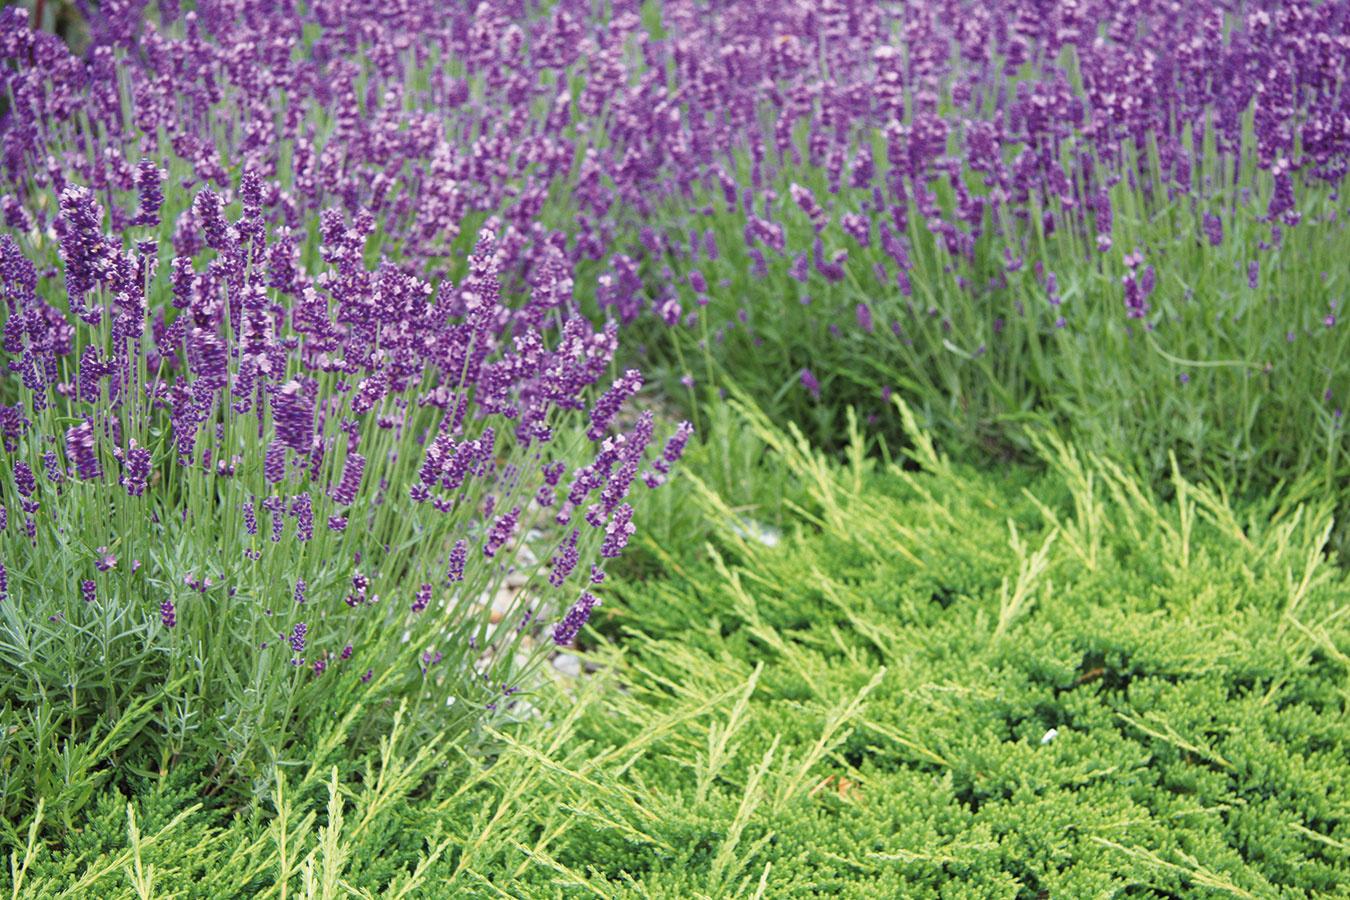 Vysadené rastliny vyžadujú starostlivosť, predovšetkým kým sa zakorenia. Potom už spravidla nie je pravidelnejšia opatera potrebná. Zavlažovať ich treba iba vdňoch, keď je veľmi teplo asucho. Priebežne im treba strihať odkvitnuté kvety, suché listy apo skončení sezóny aj suché vňate. Ak sa predsa len objaví burina, treba ju hneď zlikvidovať. Príliš rozrastené druhy je zase dobré redukovať. Záhony so štrkom menšej frakcie občas prehrabte – plocha sa tak prečistí azároveň sa odstráni drobná burina. Podľa potreby tiež treba krastlinám dosypávať štrk (textília by nemala pretŕčať). Aby záhon pôsobil prirodzeným dojmom, nechajte niektoré rastliny vysemeniť. Výsadbu môžete občas prihnojiť hnojivom na trvalky (nie je to nevyhnutné).